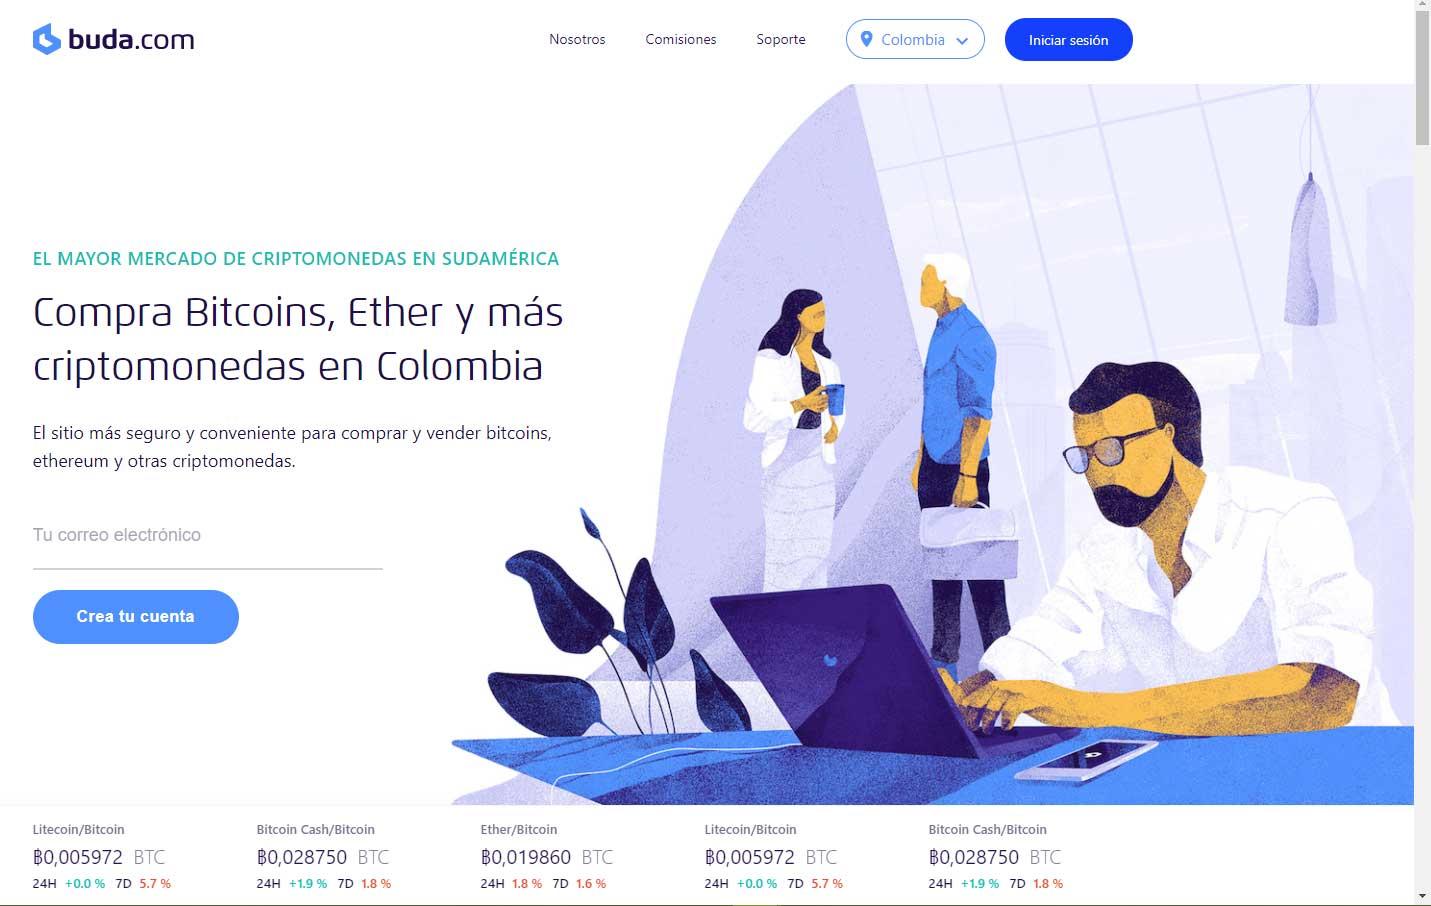 Comprar bitcoin con buda.com en Colombia